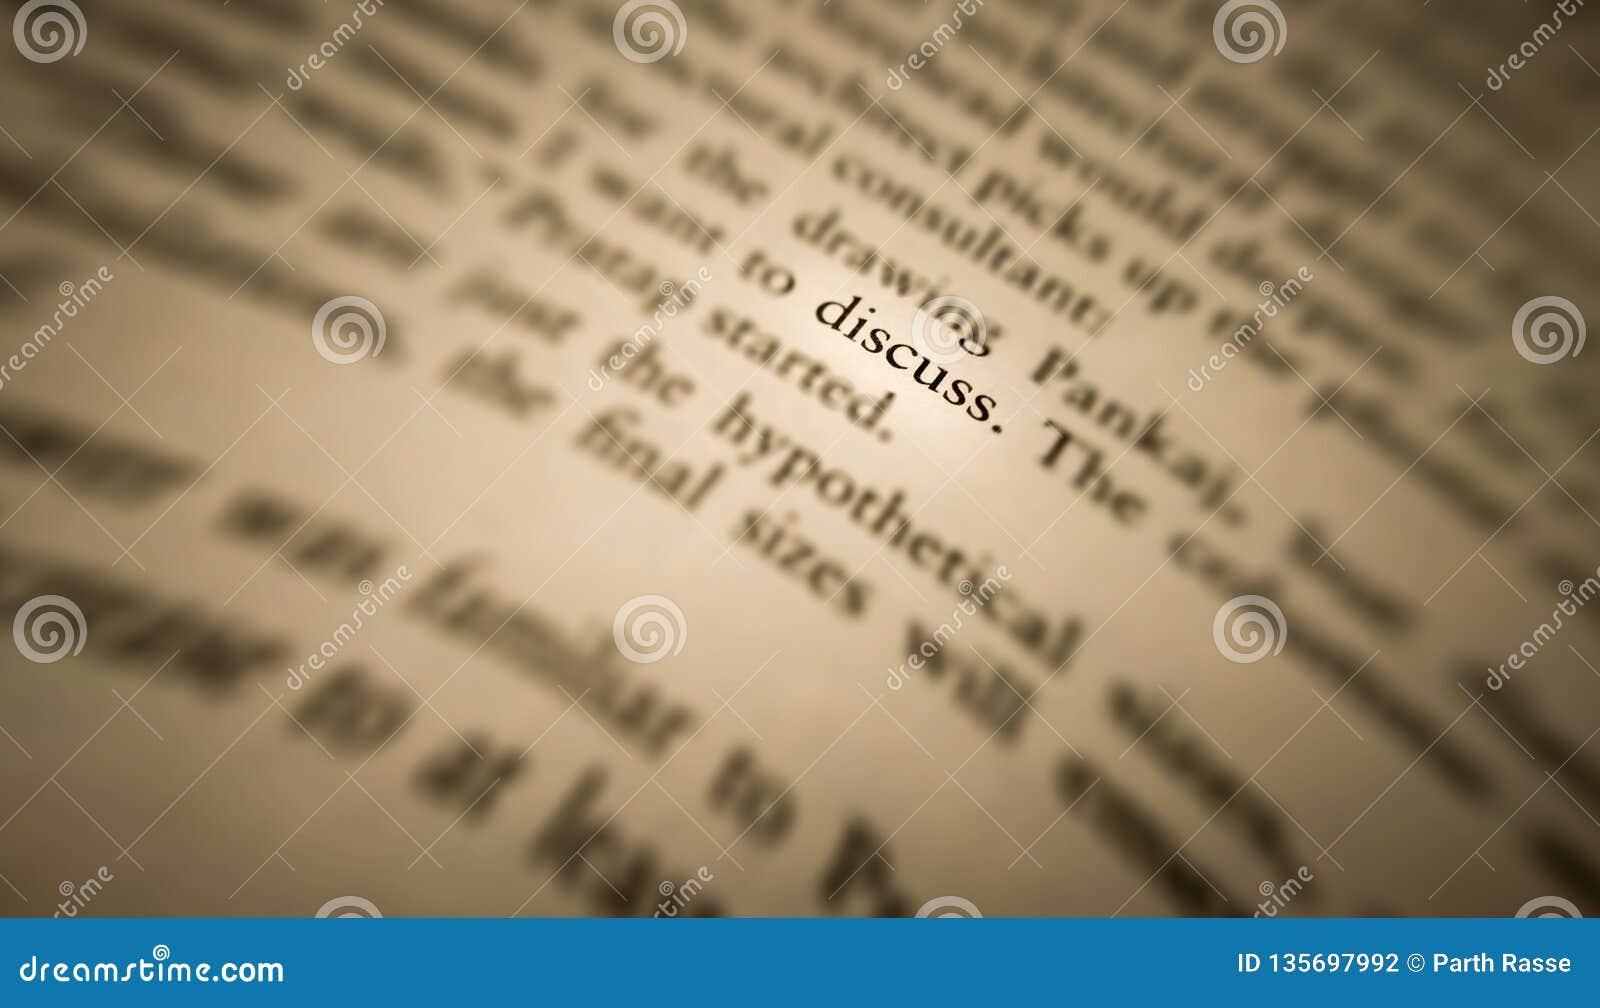 обсудите слово выделил и сфокусировало в старой книге